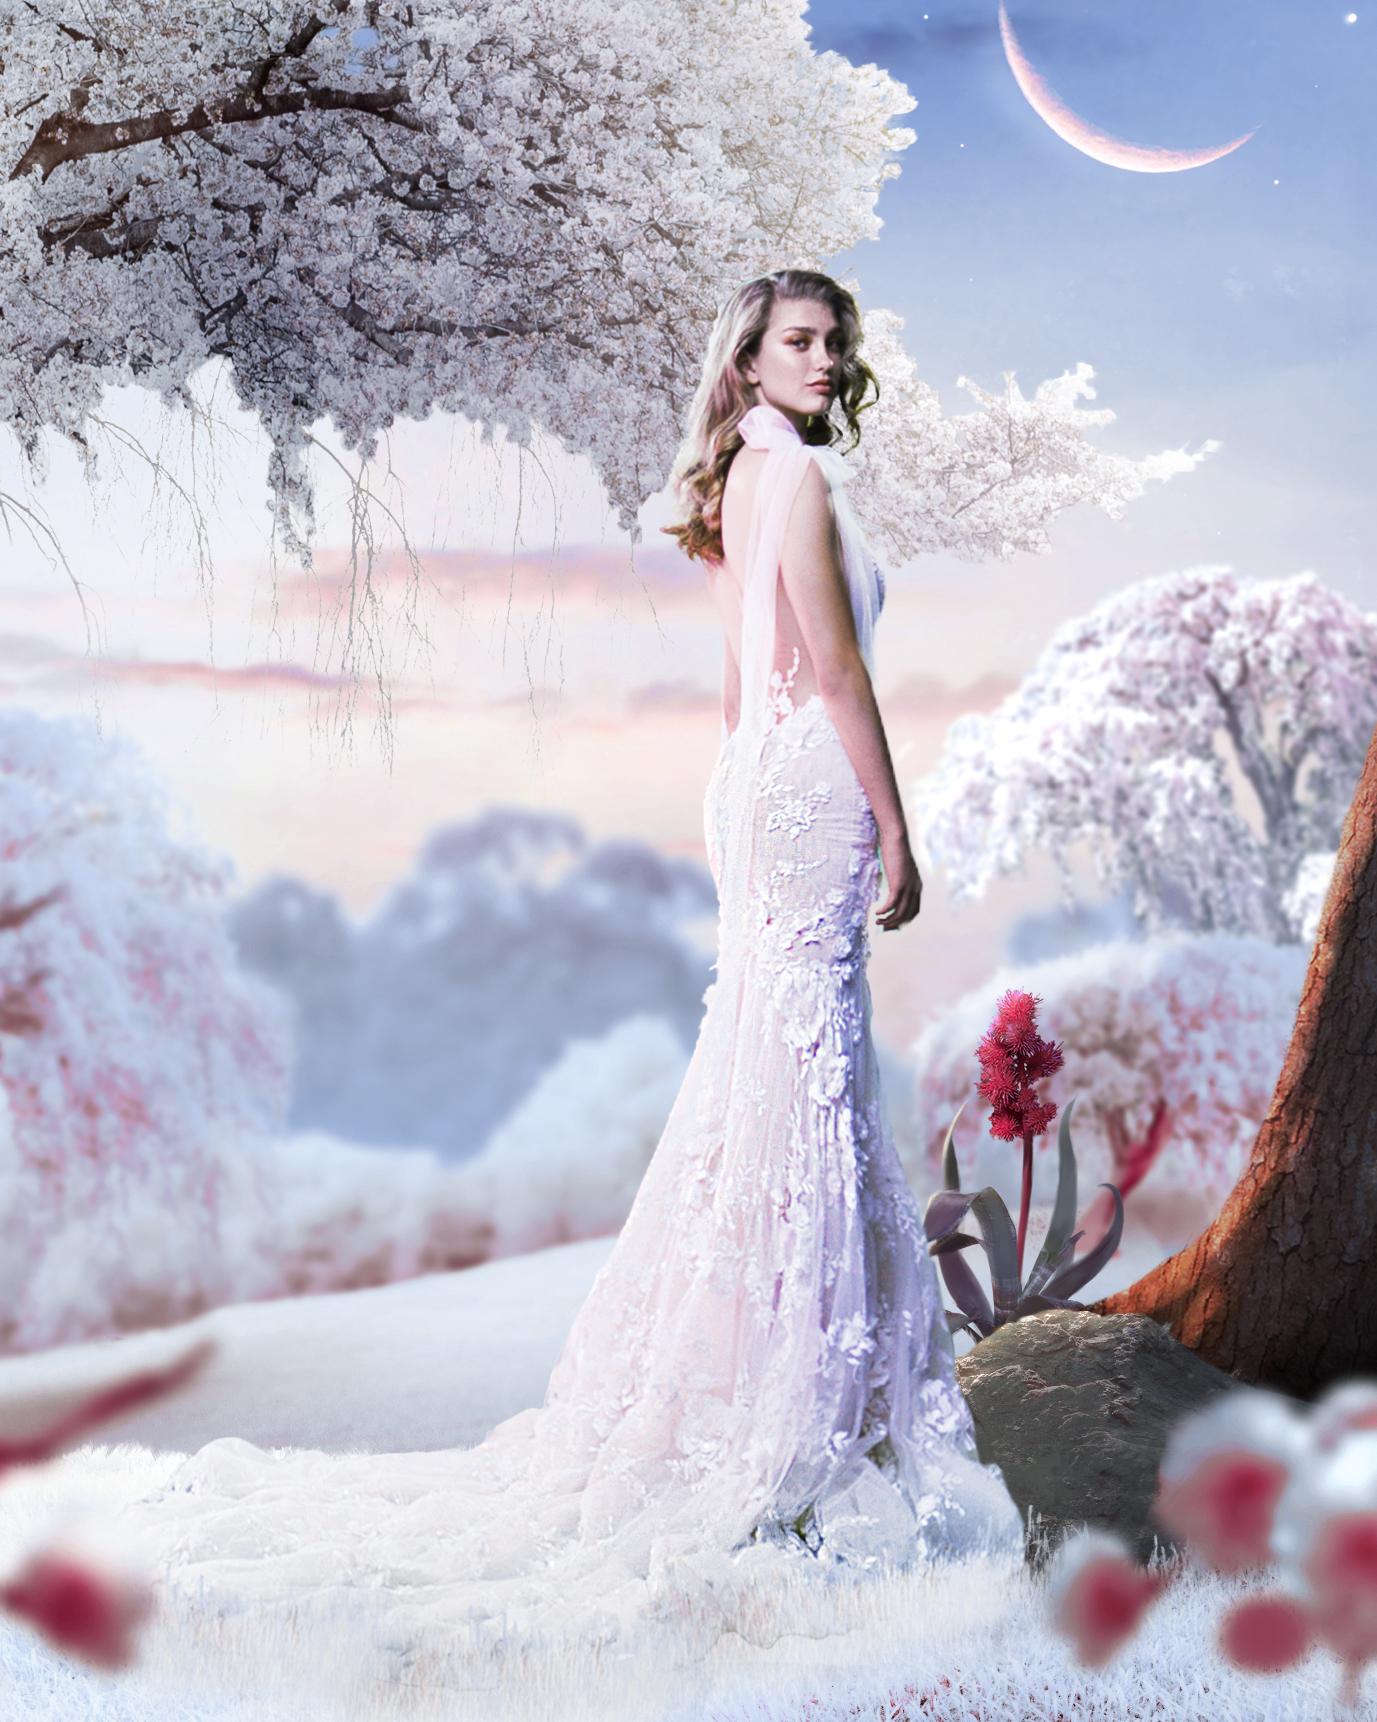 מהאגדות: קולקציית גאלה VI של גליה להב, שמלות כלה, 5